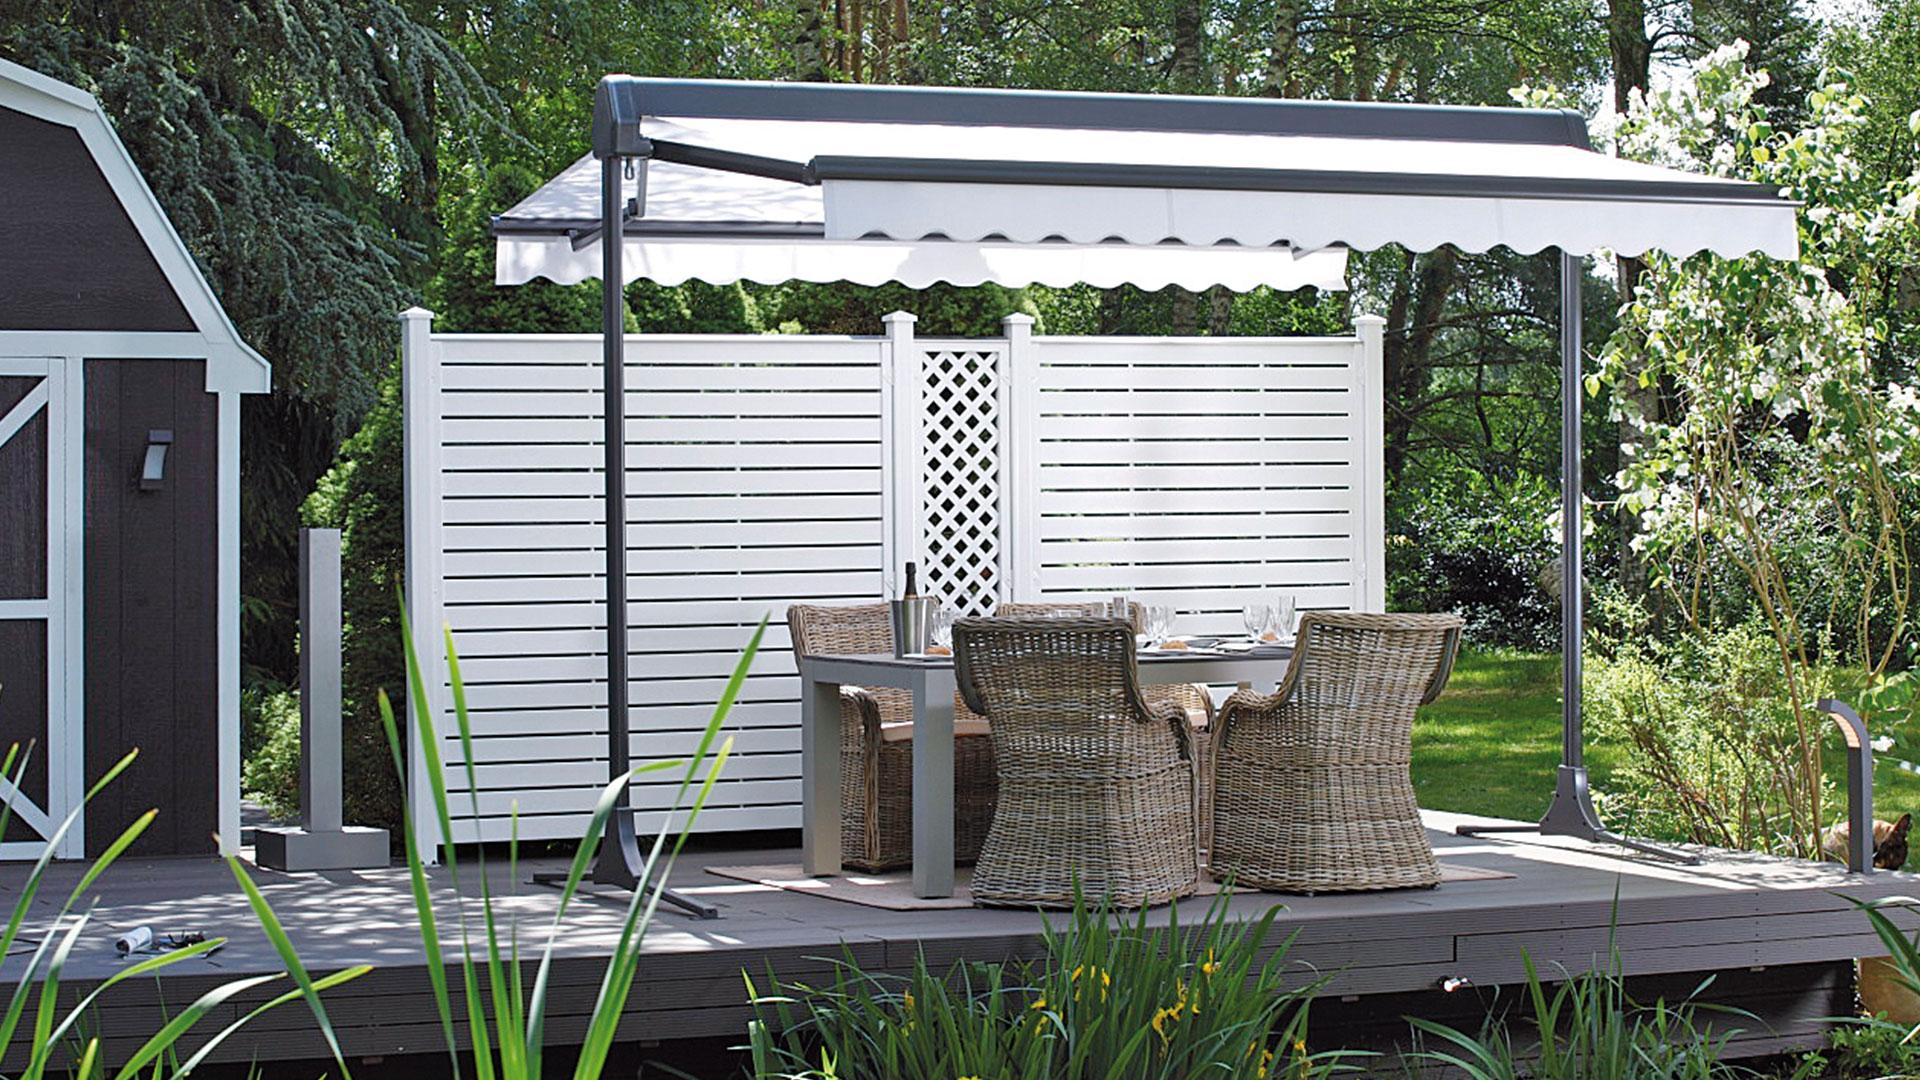 zanker ombramobil 01 - Sonnenschutz für Freisitz und Garten